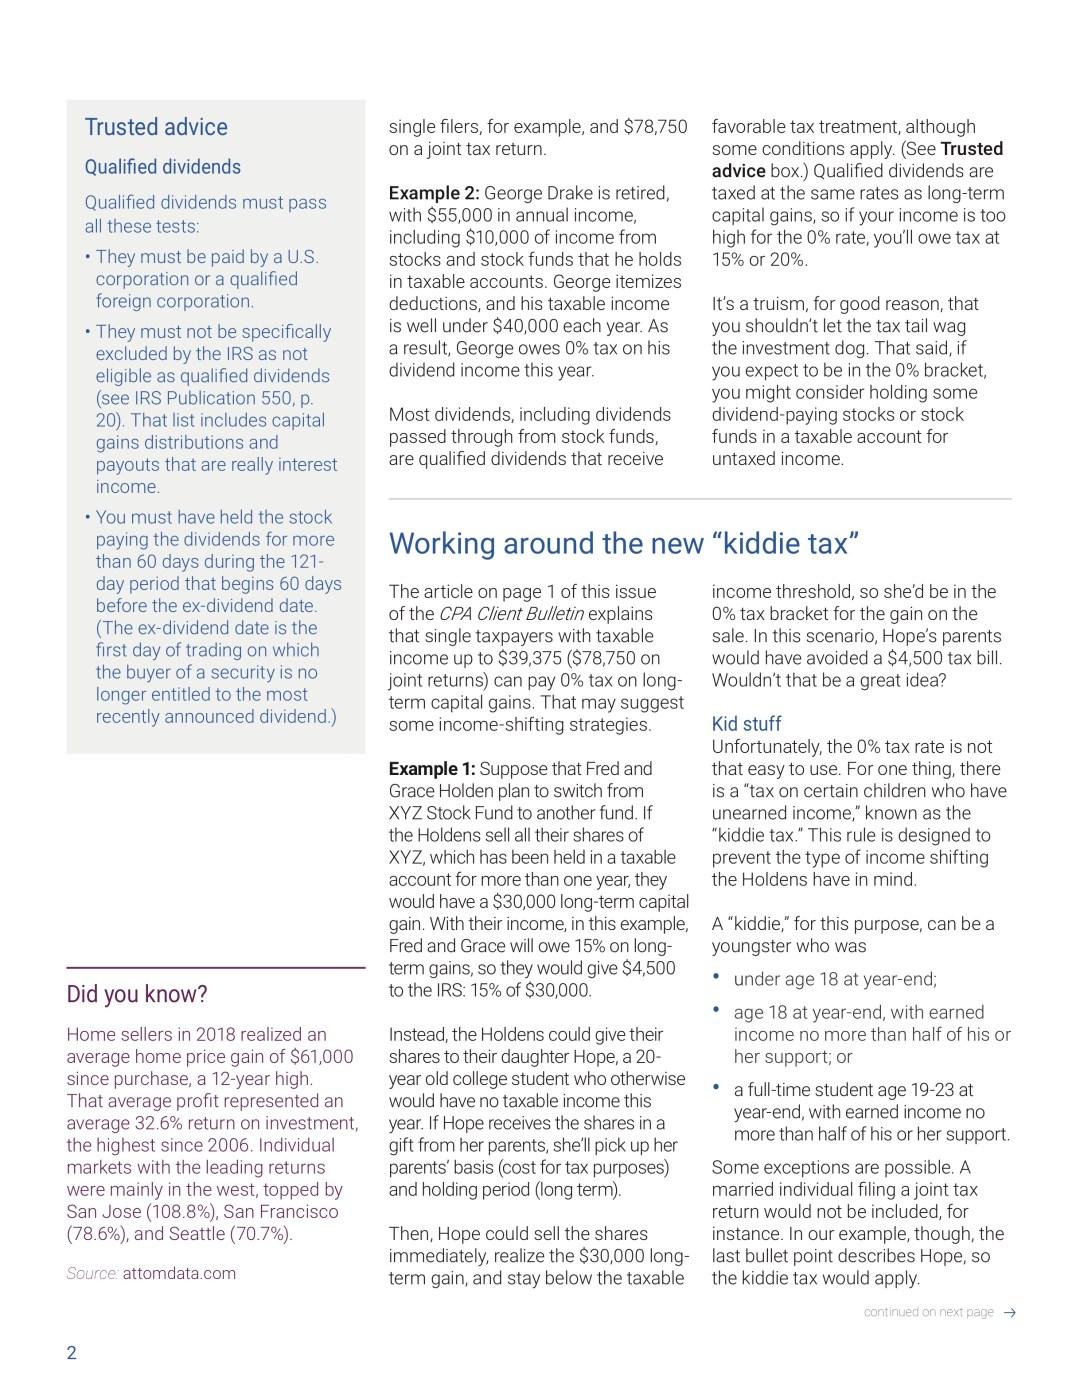 AICPA May Client Bulletin, 0% tax, tax calendar